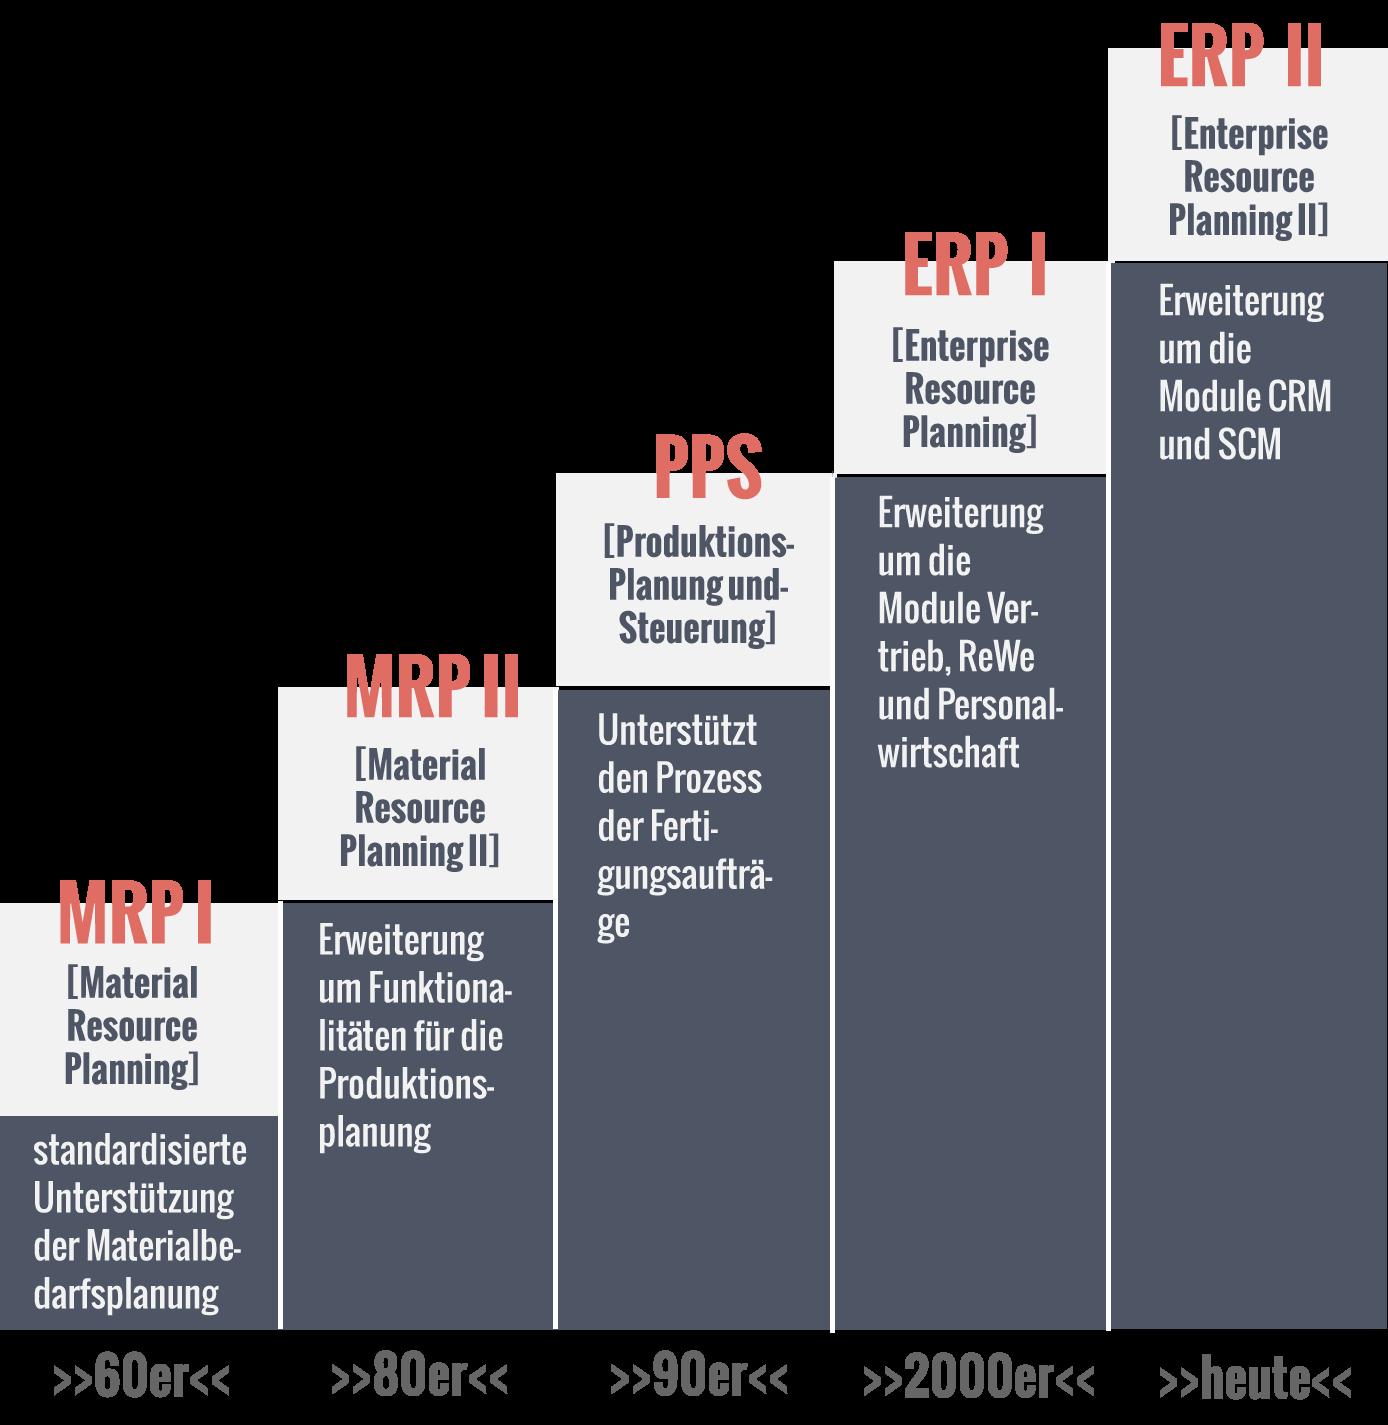 Die Geschichte des ERP-Systems